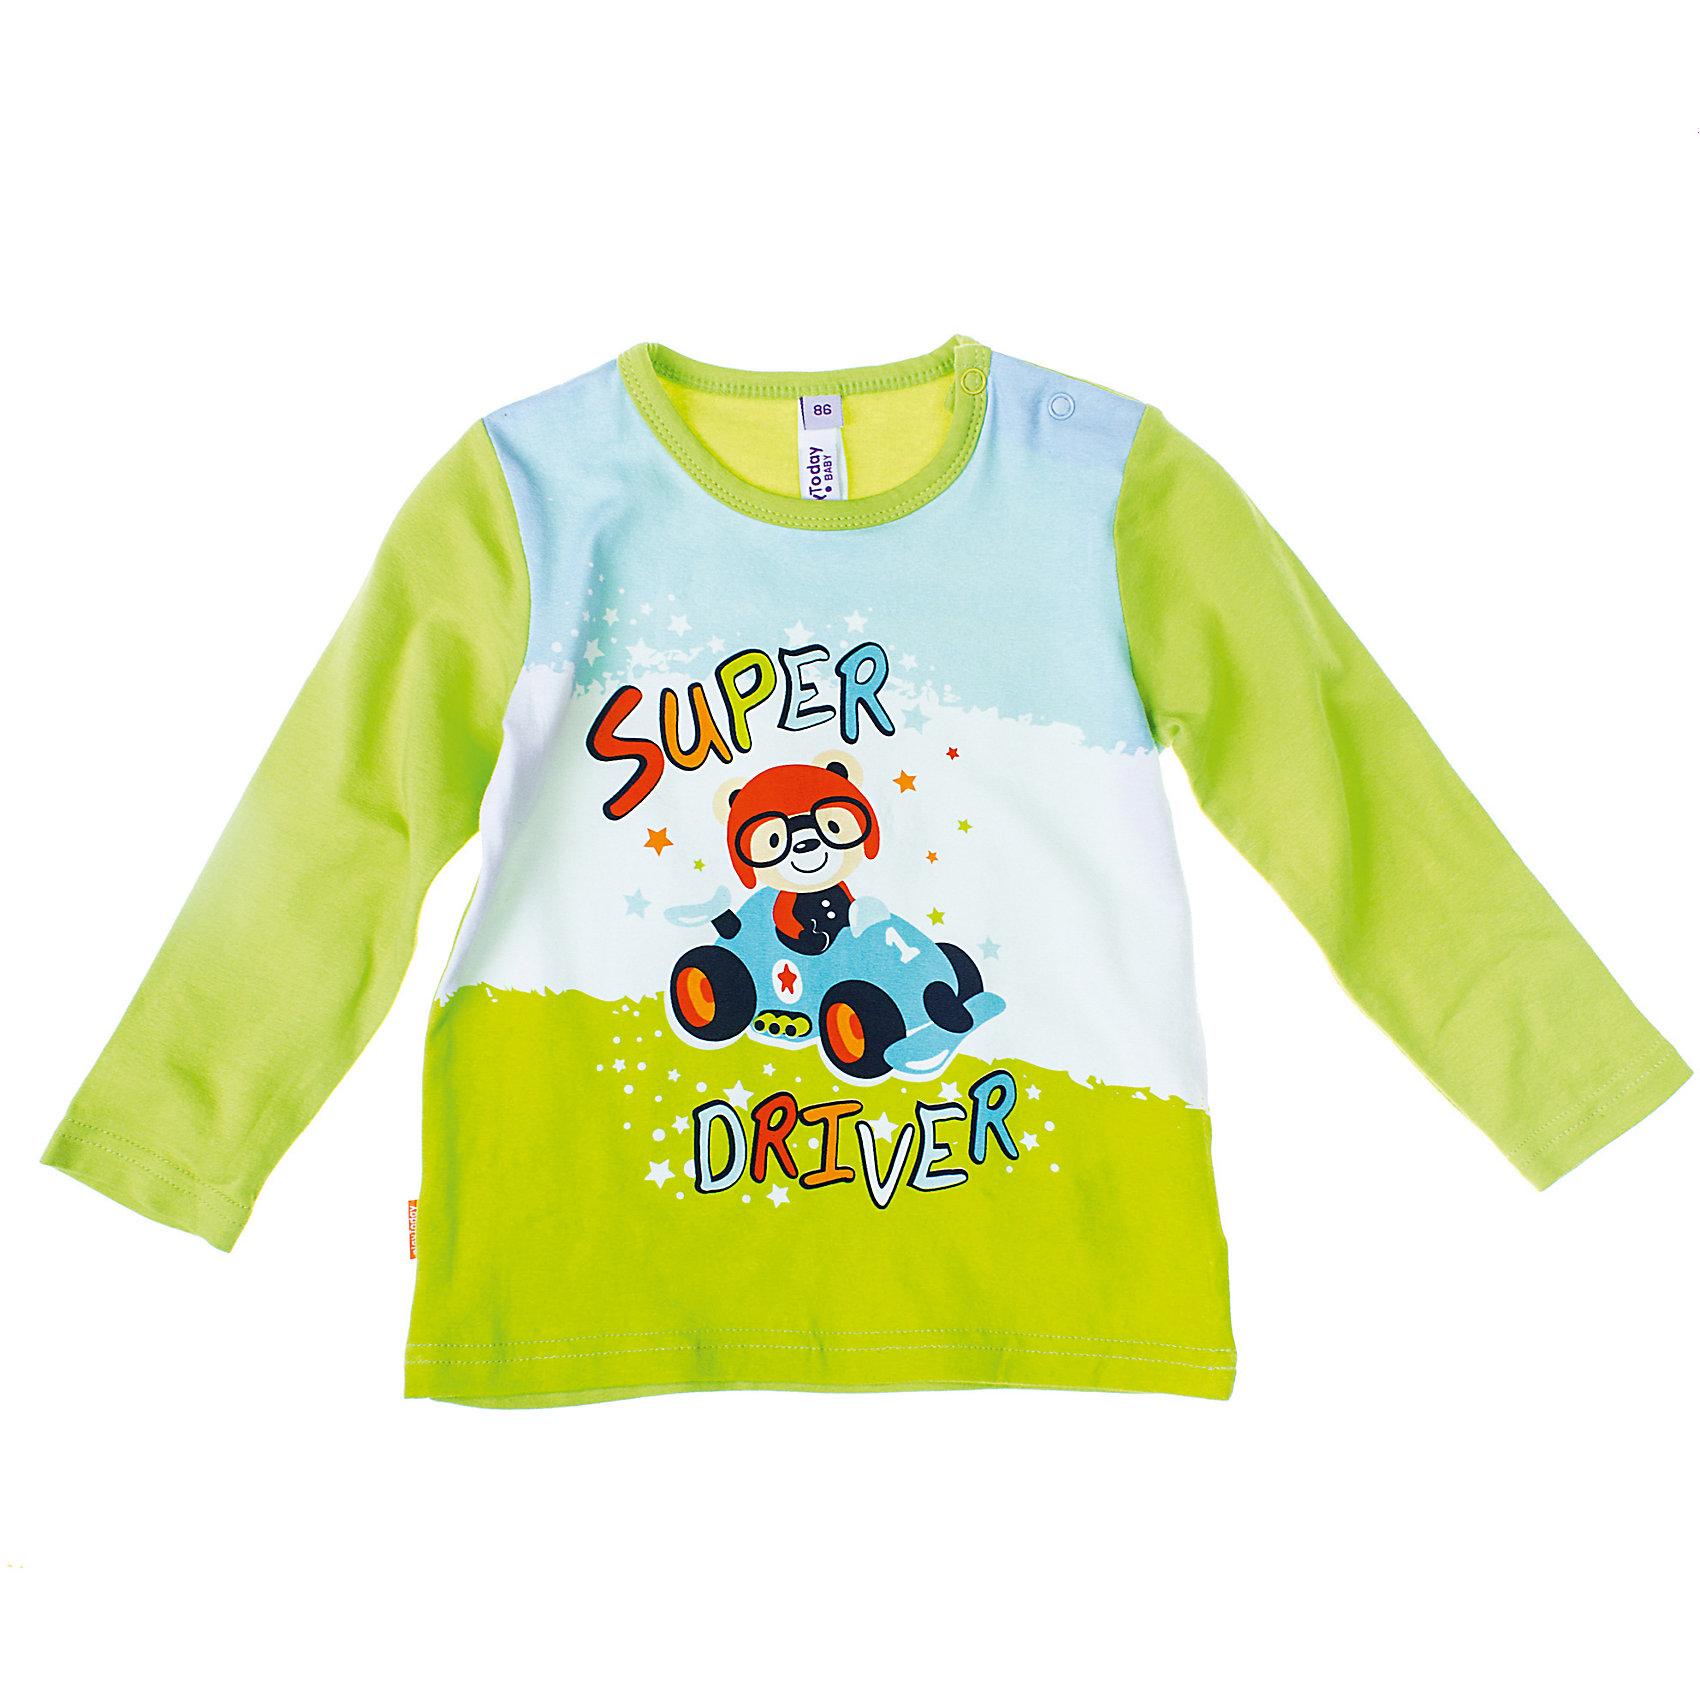 Футболка с длинным рукавом для мальчика PlayTodayФутболка для мальчика PlayToday Приятная футболка с длинным рукавом ярко-зеленого цвета. На плече есть застежки-кнопочки. Состав: 95% хлопок, 5% эластан<br><br>Ширина мм: 199<br>Глубина мм: 10<br>Высота мм: 161<br>Вес г: 151<br>Цвет: зеленый<br>Возраст от месяцев: 6<br>Возраст до месяцев: 9<br>Пол: Мужской<br>Возраст: Детский<br>Размер: 74,86,80,92<br>SKU: 4229024